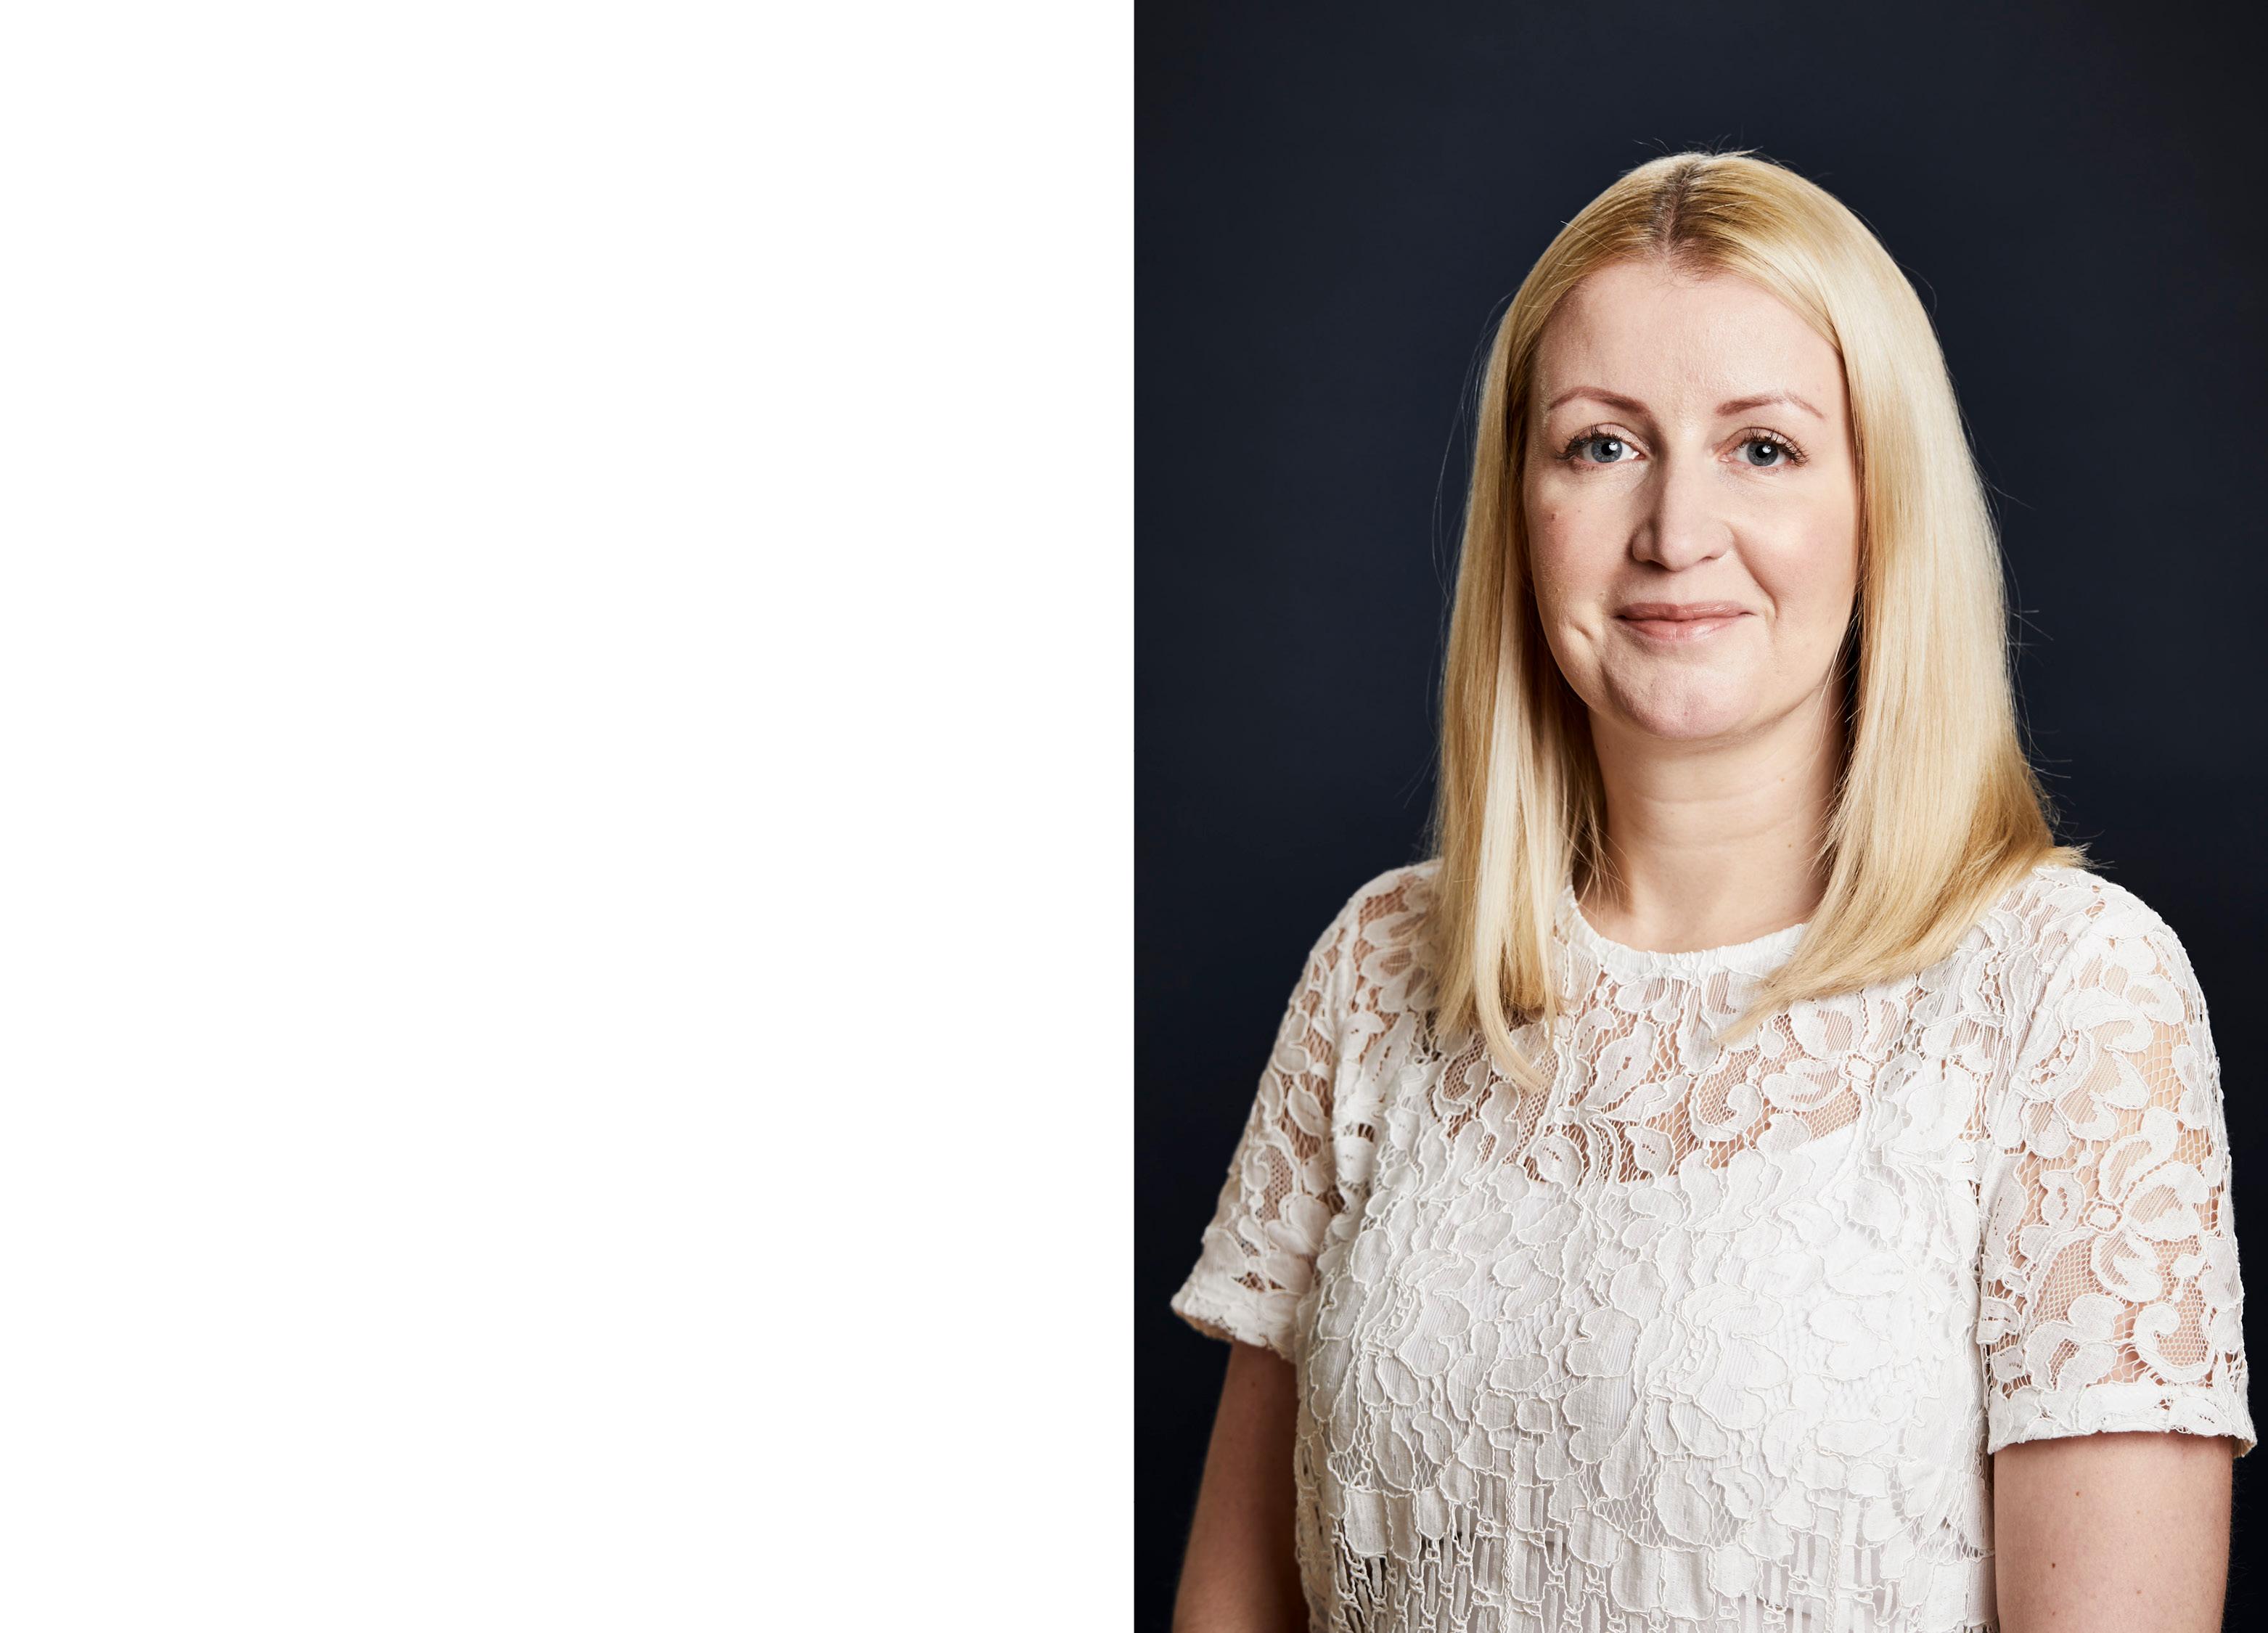 Company Shop Group Portraits - Steph McGinty